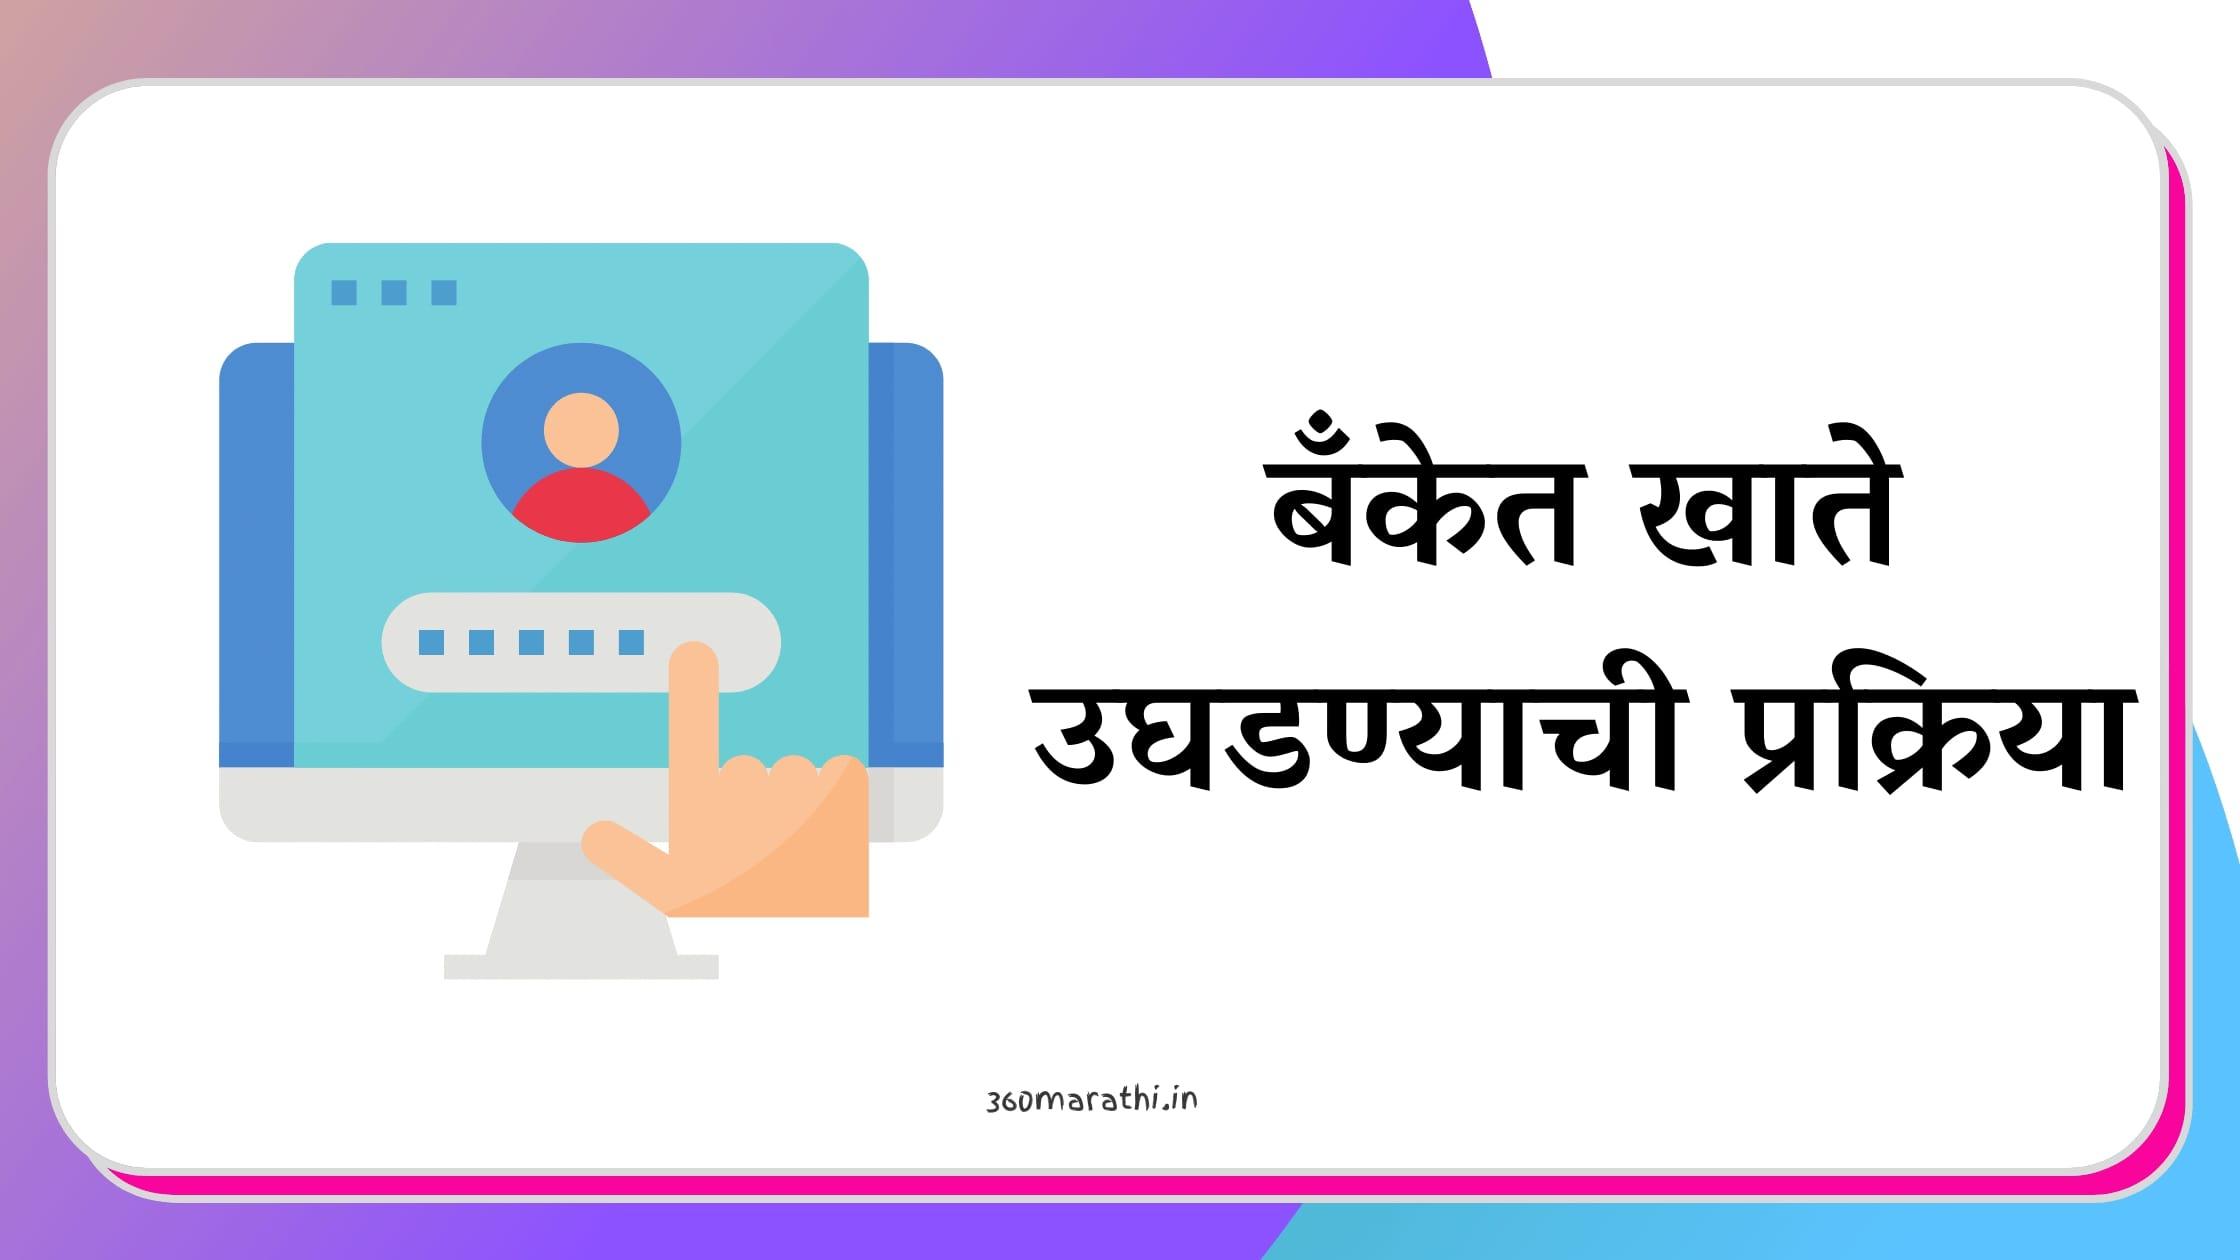 बँकेत खाते उघडण्याची प्रक्रिया   बँकेत खाते उघडण्यासाठी कागदपत्रे   Bank Account Opening Information in Marathi